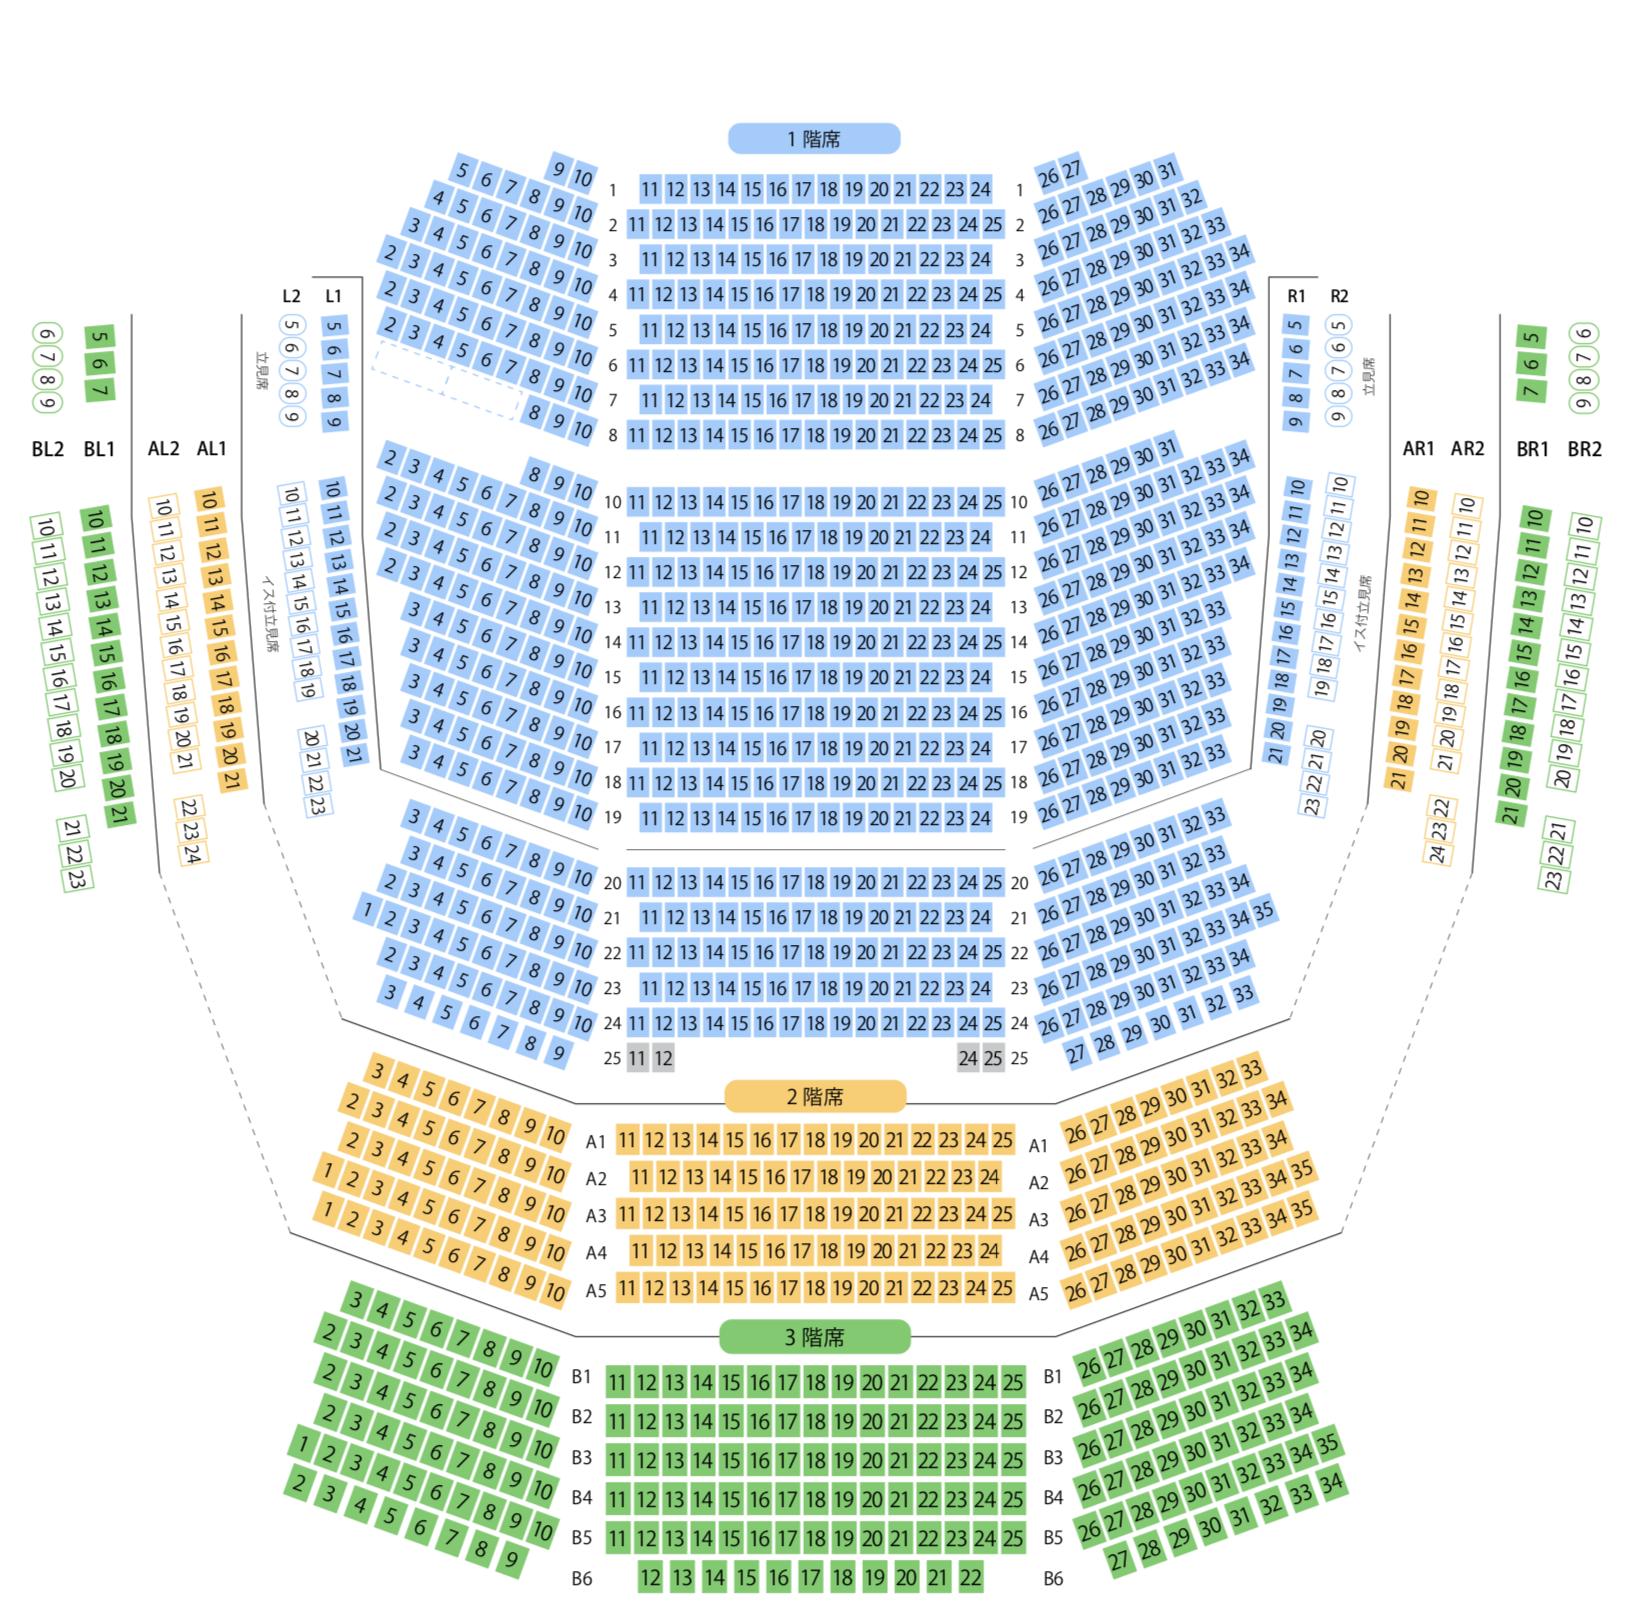 KAAT神奈川芸術劇場の座席表の画像